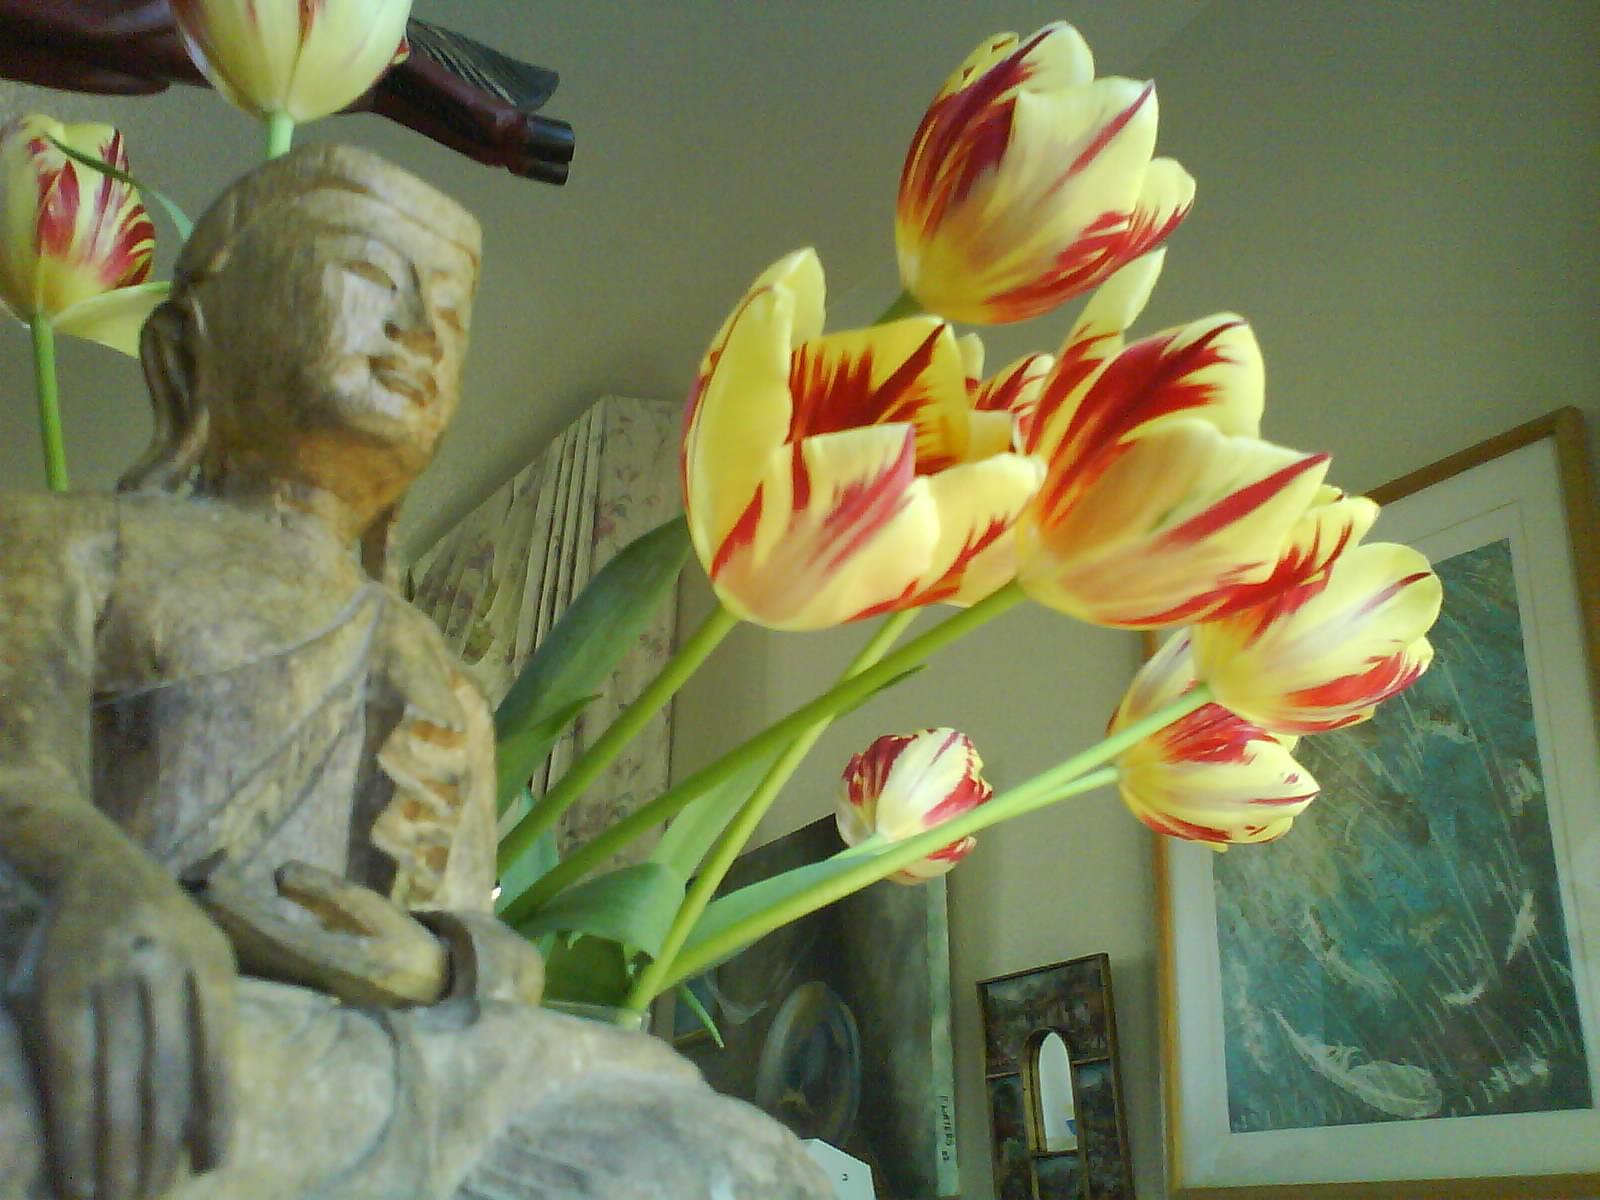 Buddha + tulips